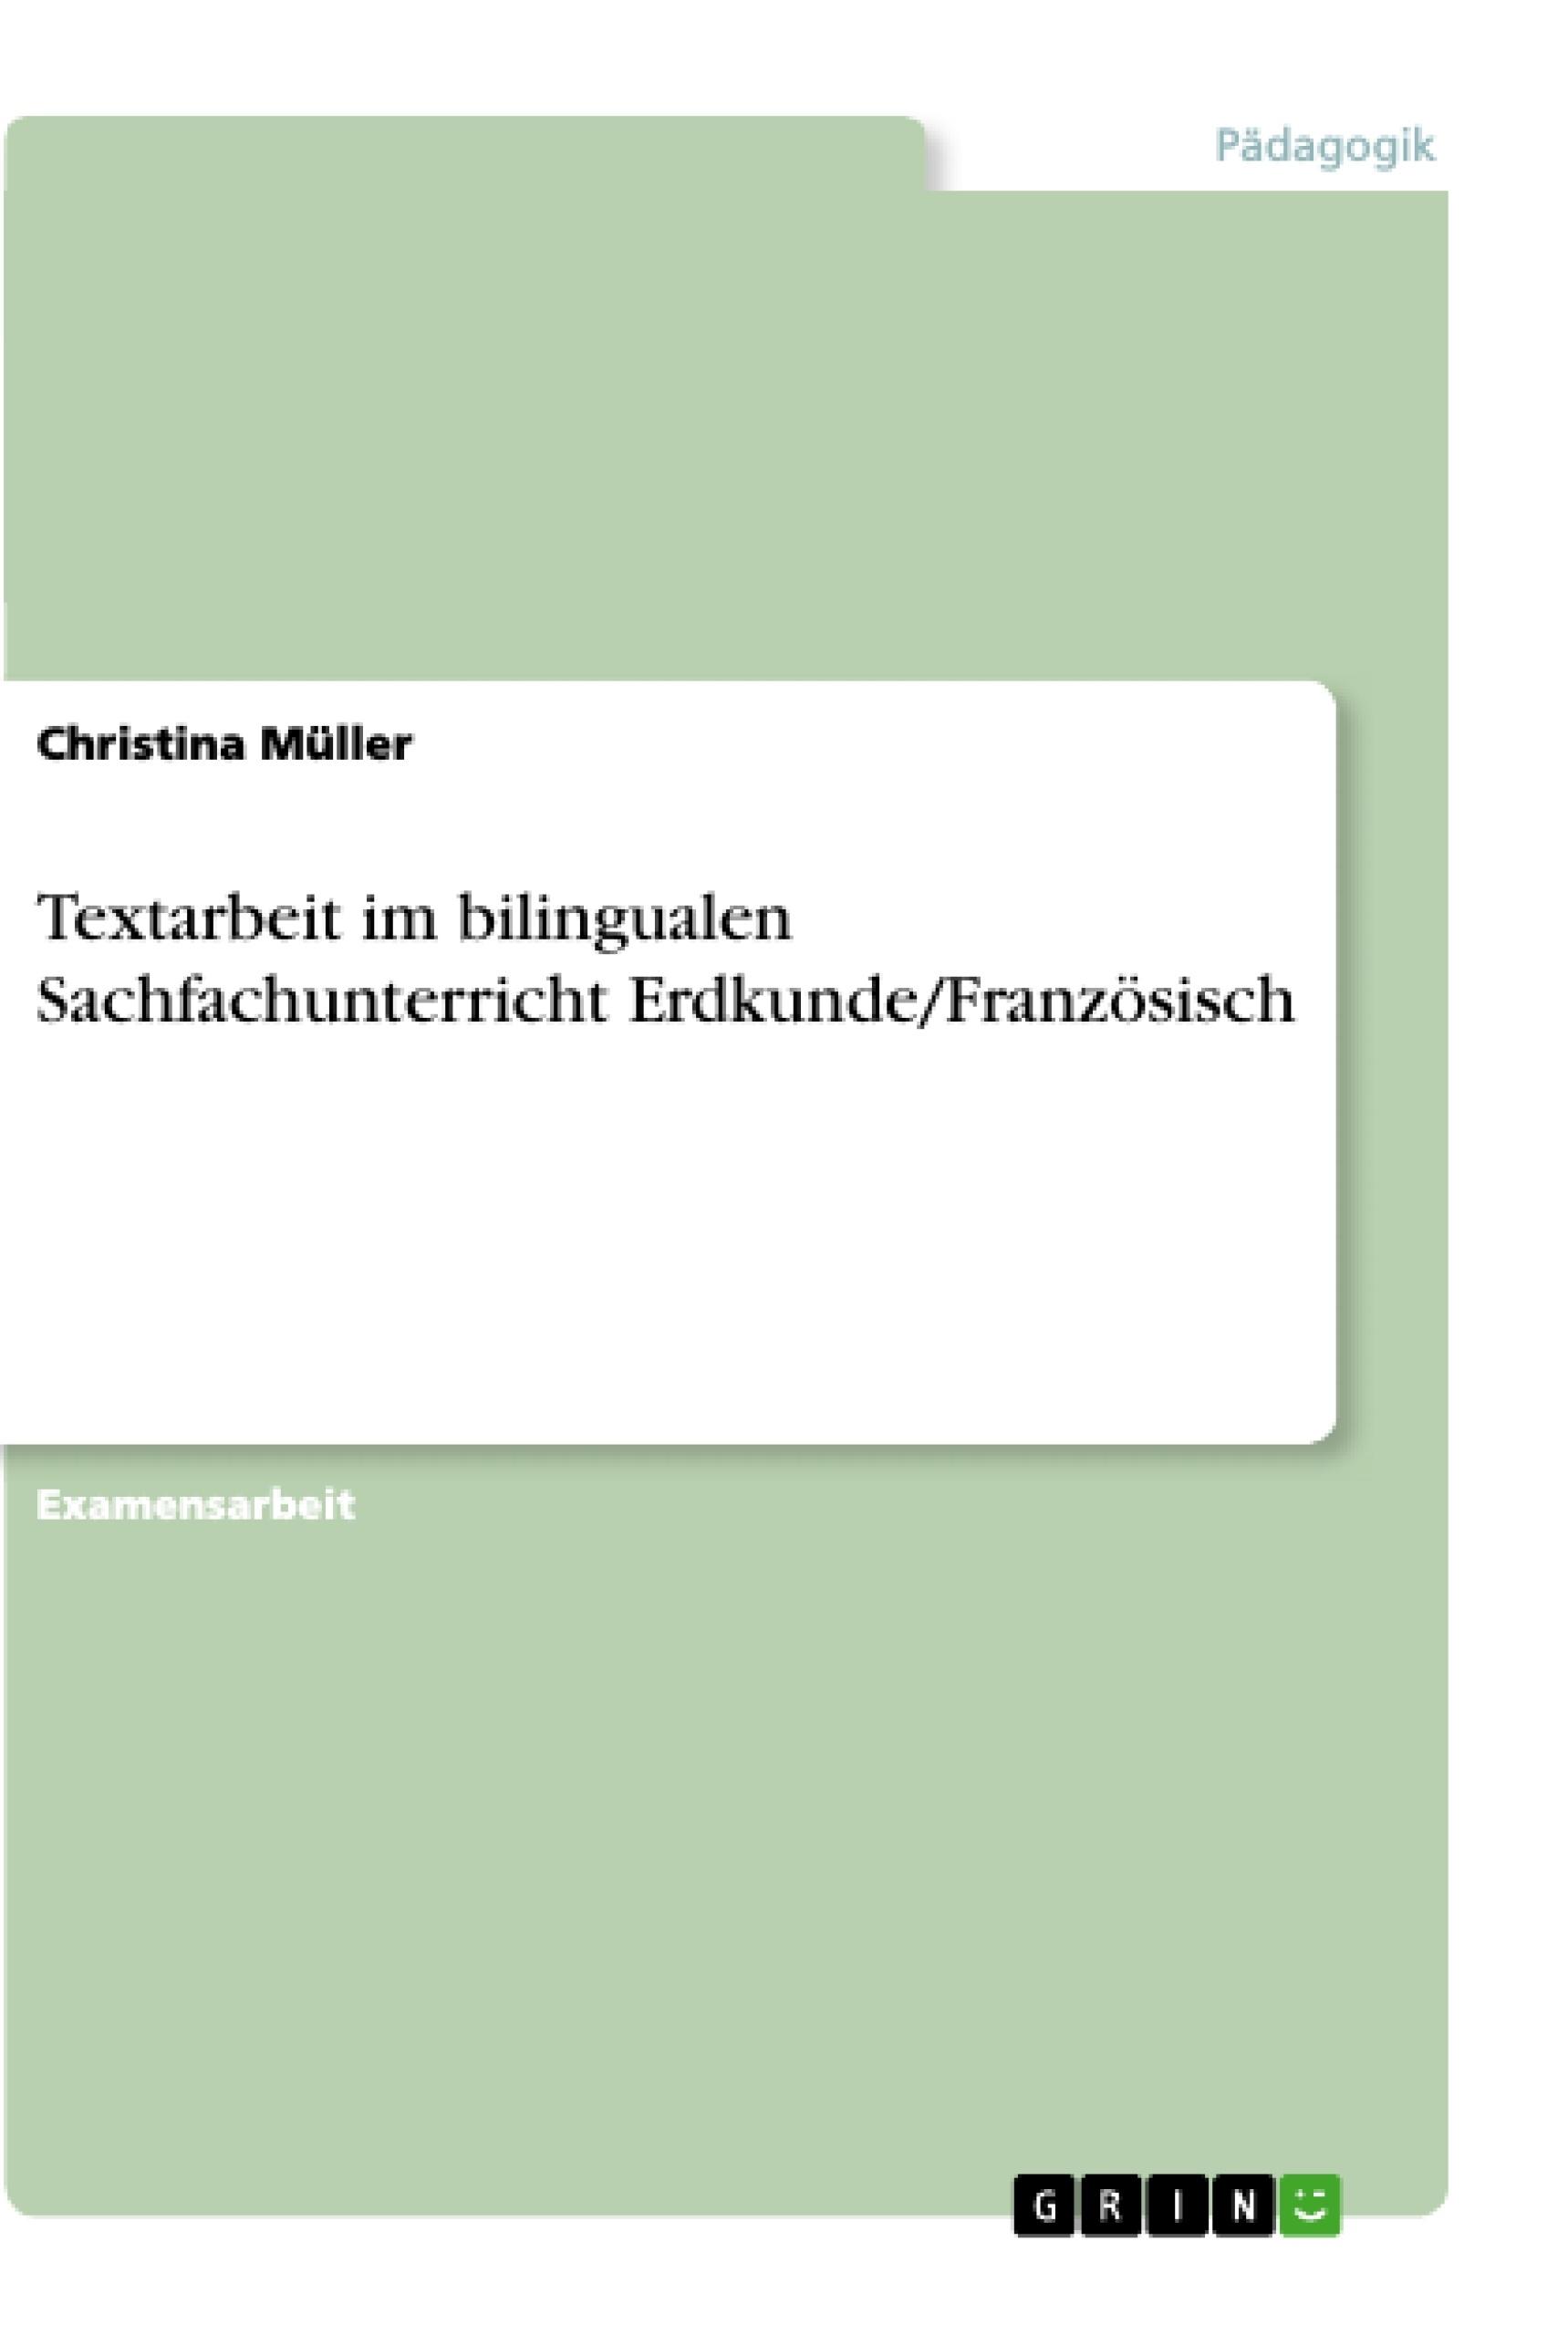 Titel: Textarbeit im bilingualen Sachfachunterricht Erdkunde/Französisch